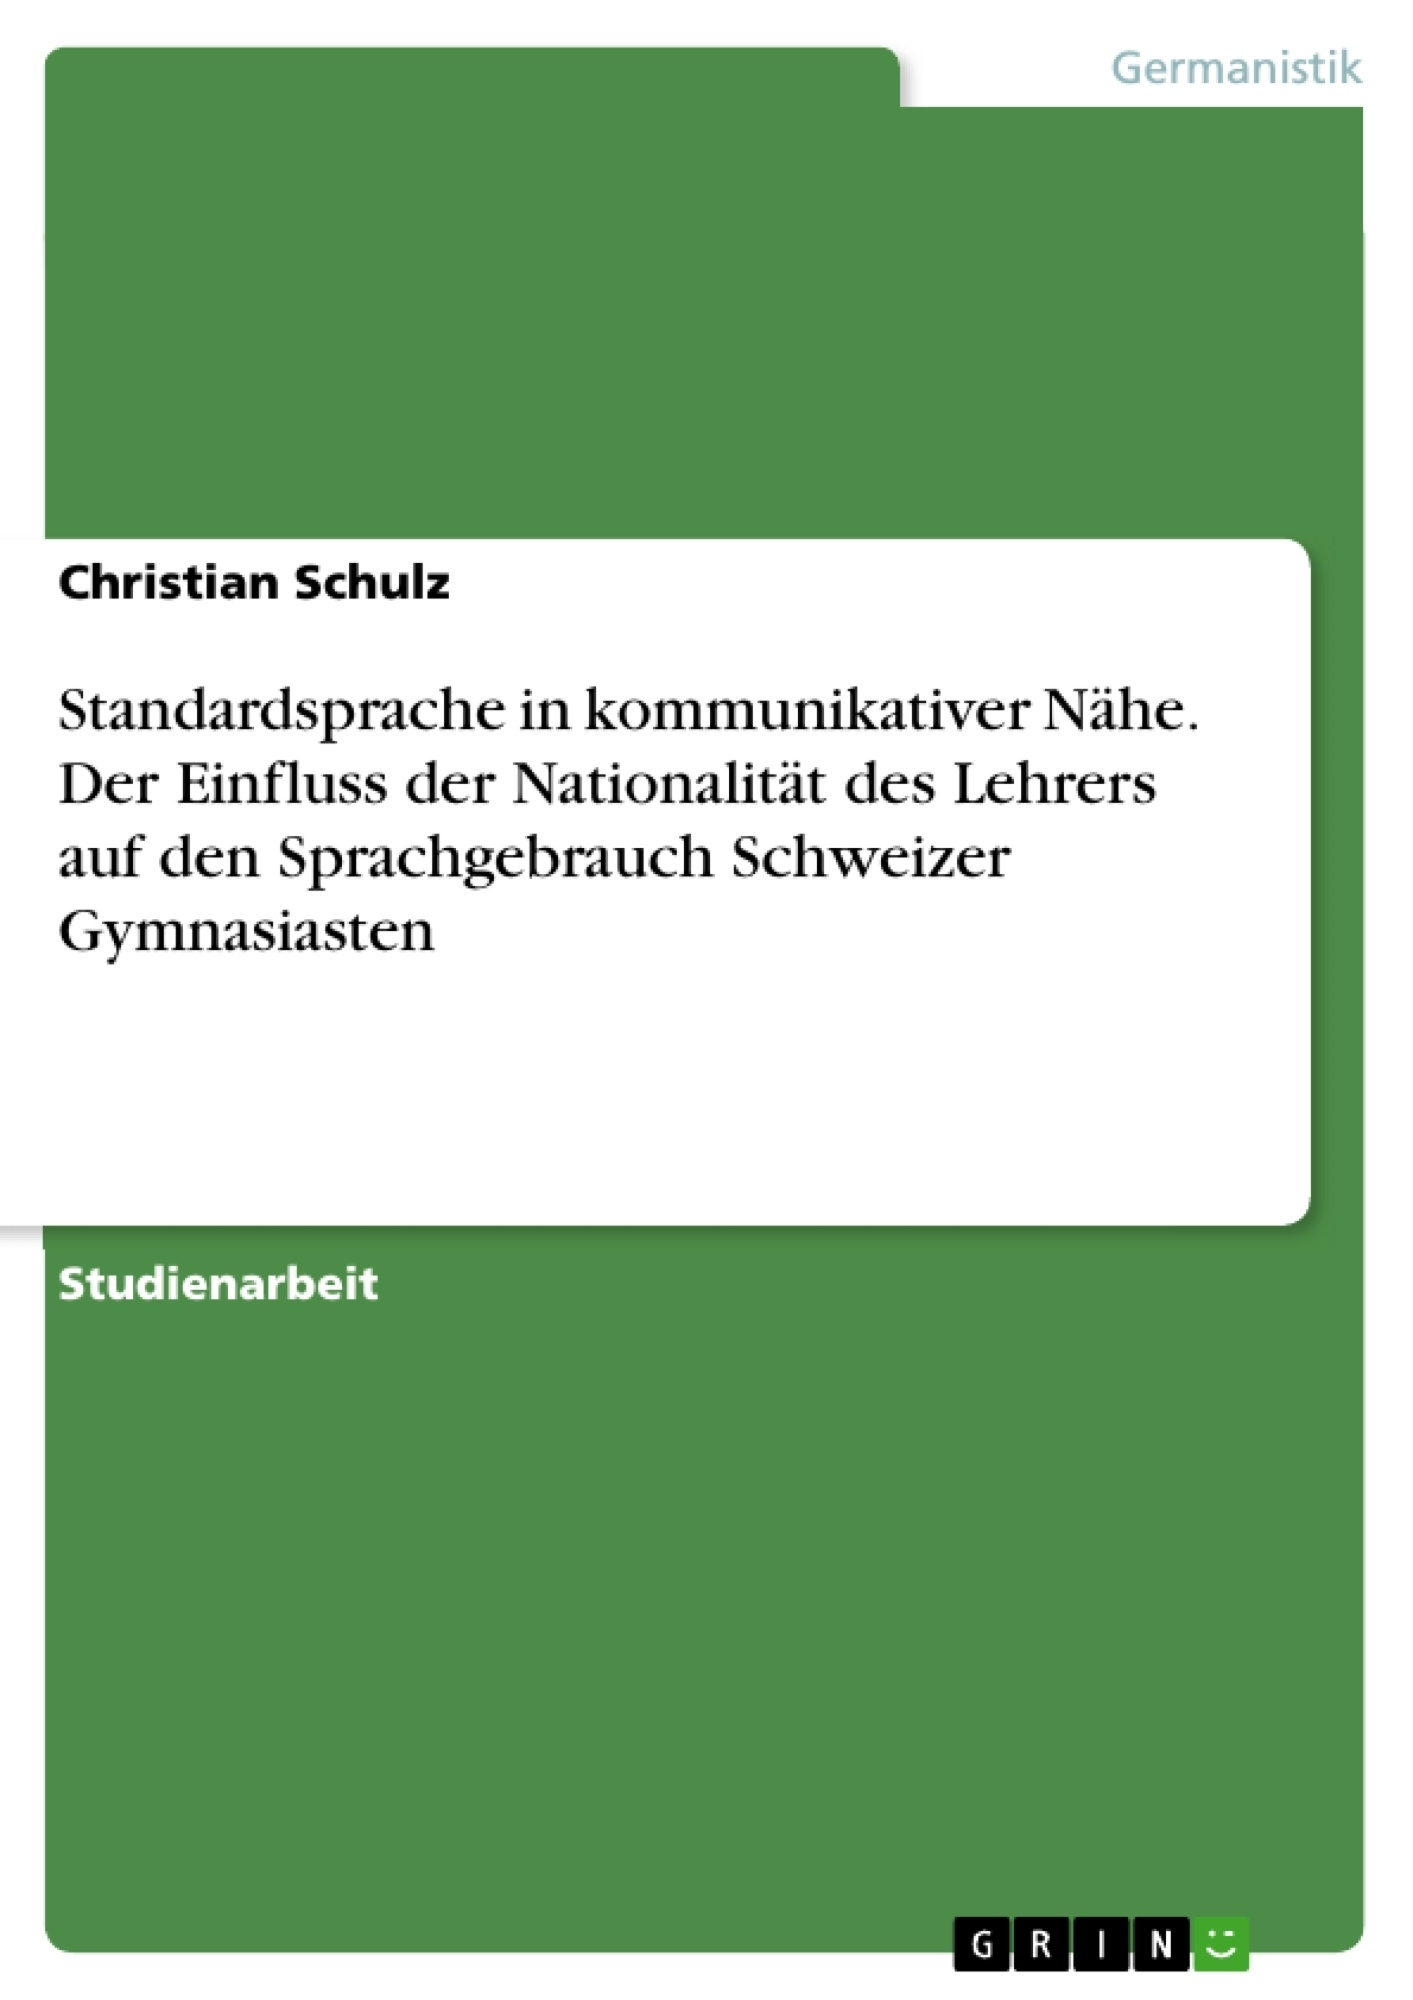 Titel: Standardsprache in kommunikativer Nähe. Der Einfluss der Nationalität des Lehrers auf den Sprachgebrauch Schweizer Gymnasiasten